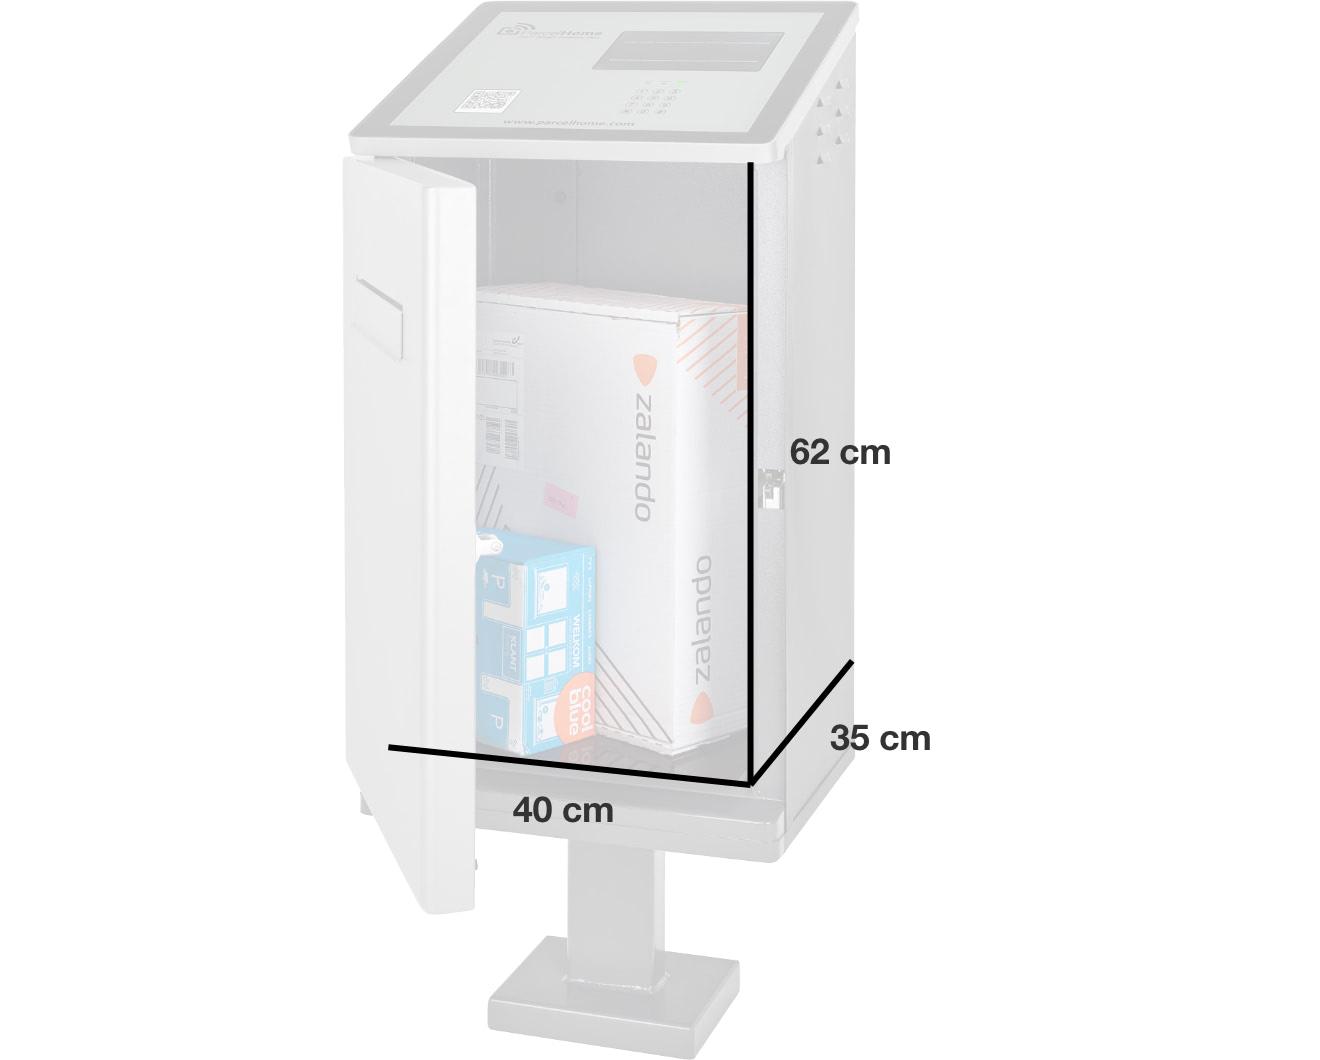 ParcelHome Measurements